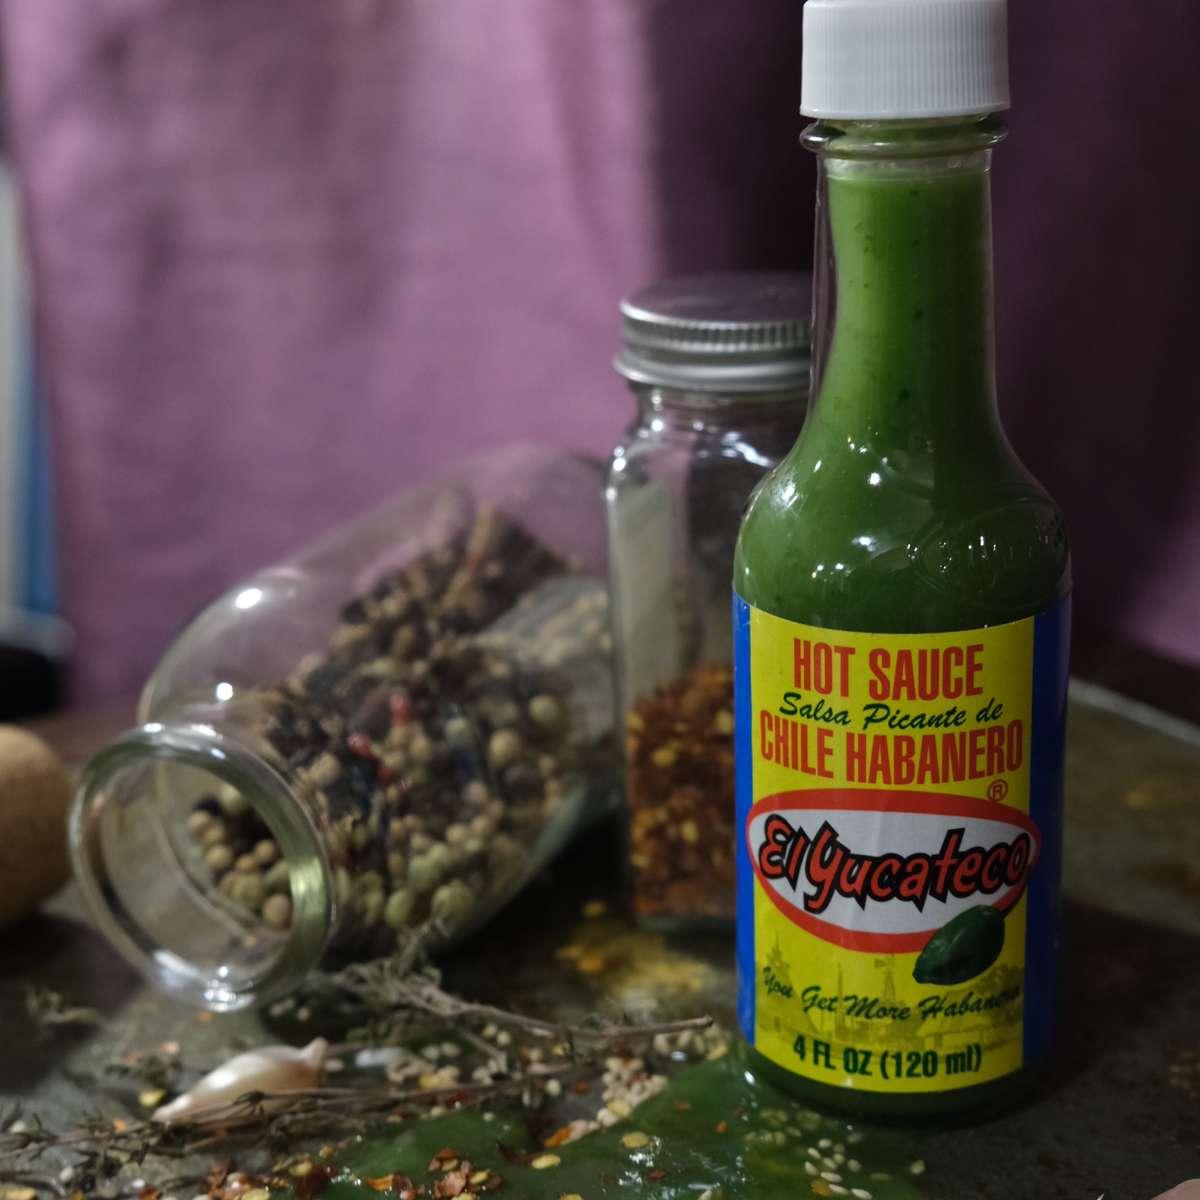 El Yucateco Habanero Green hot sauce